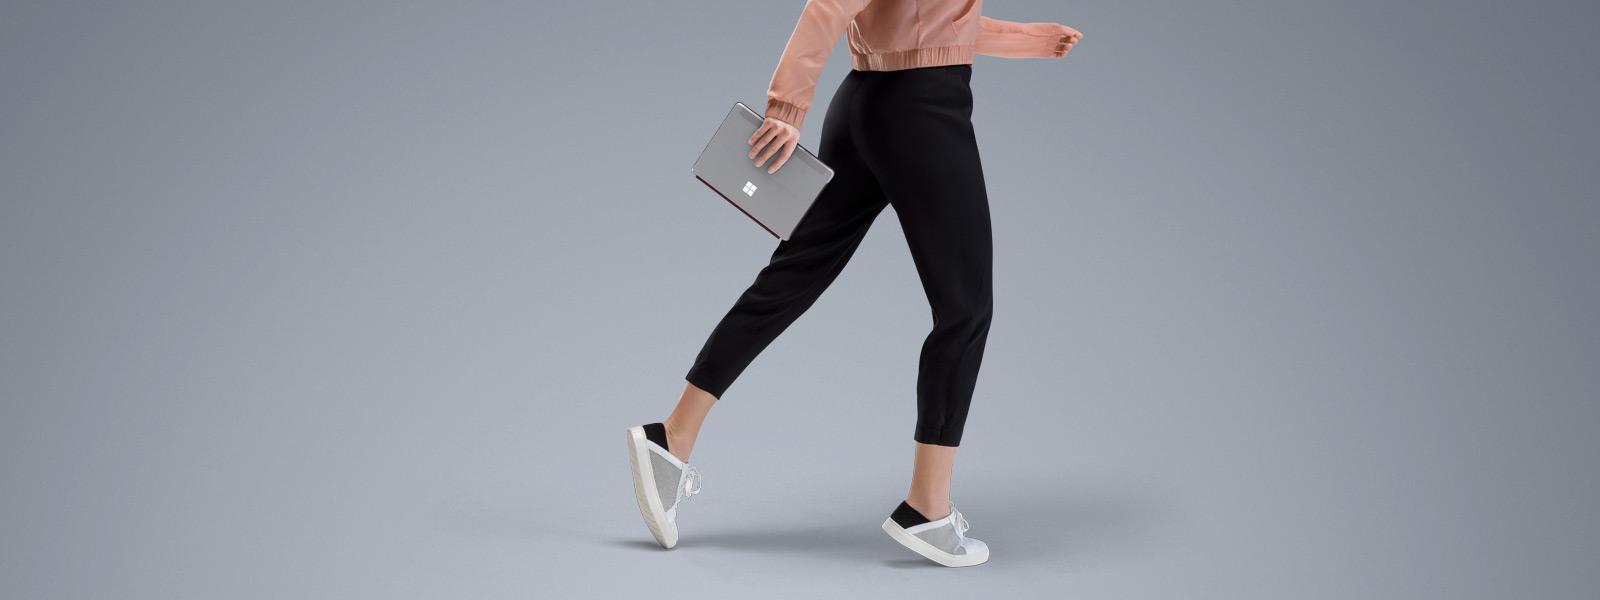 Surface Go hålls av en tjej som går